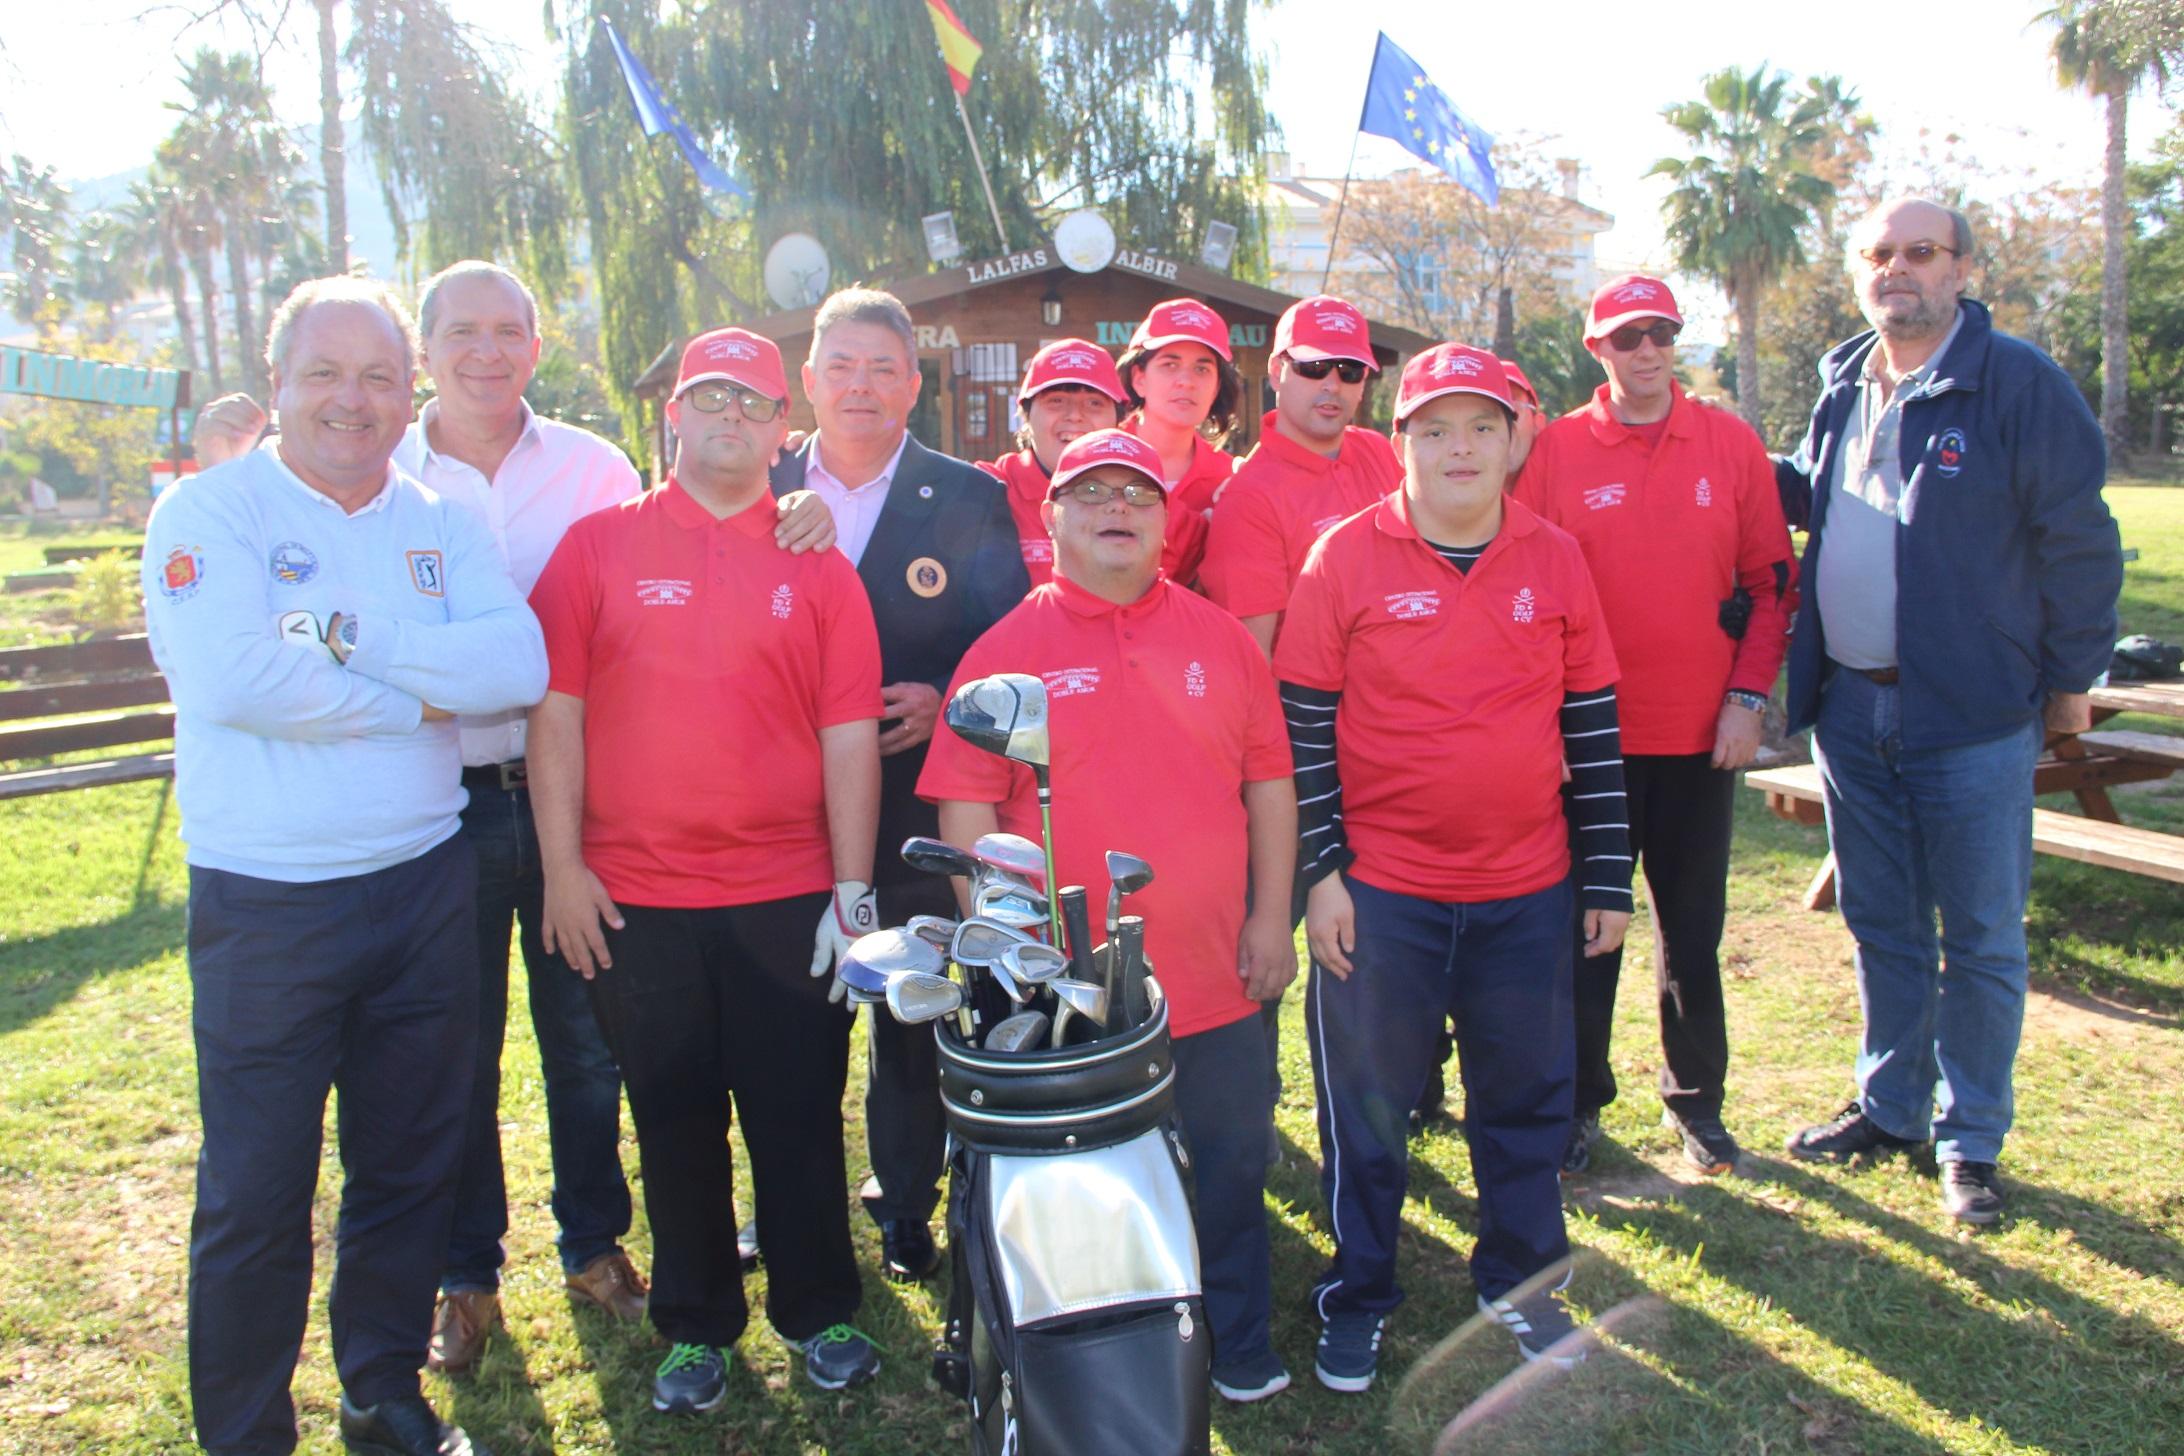 Hoy ha comenzado el curso de Golf para los alumnos del Centro Ocupacional y de Ocio comarcal Doble Amor